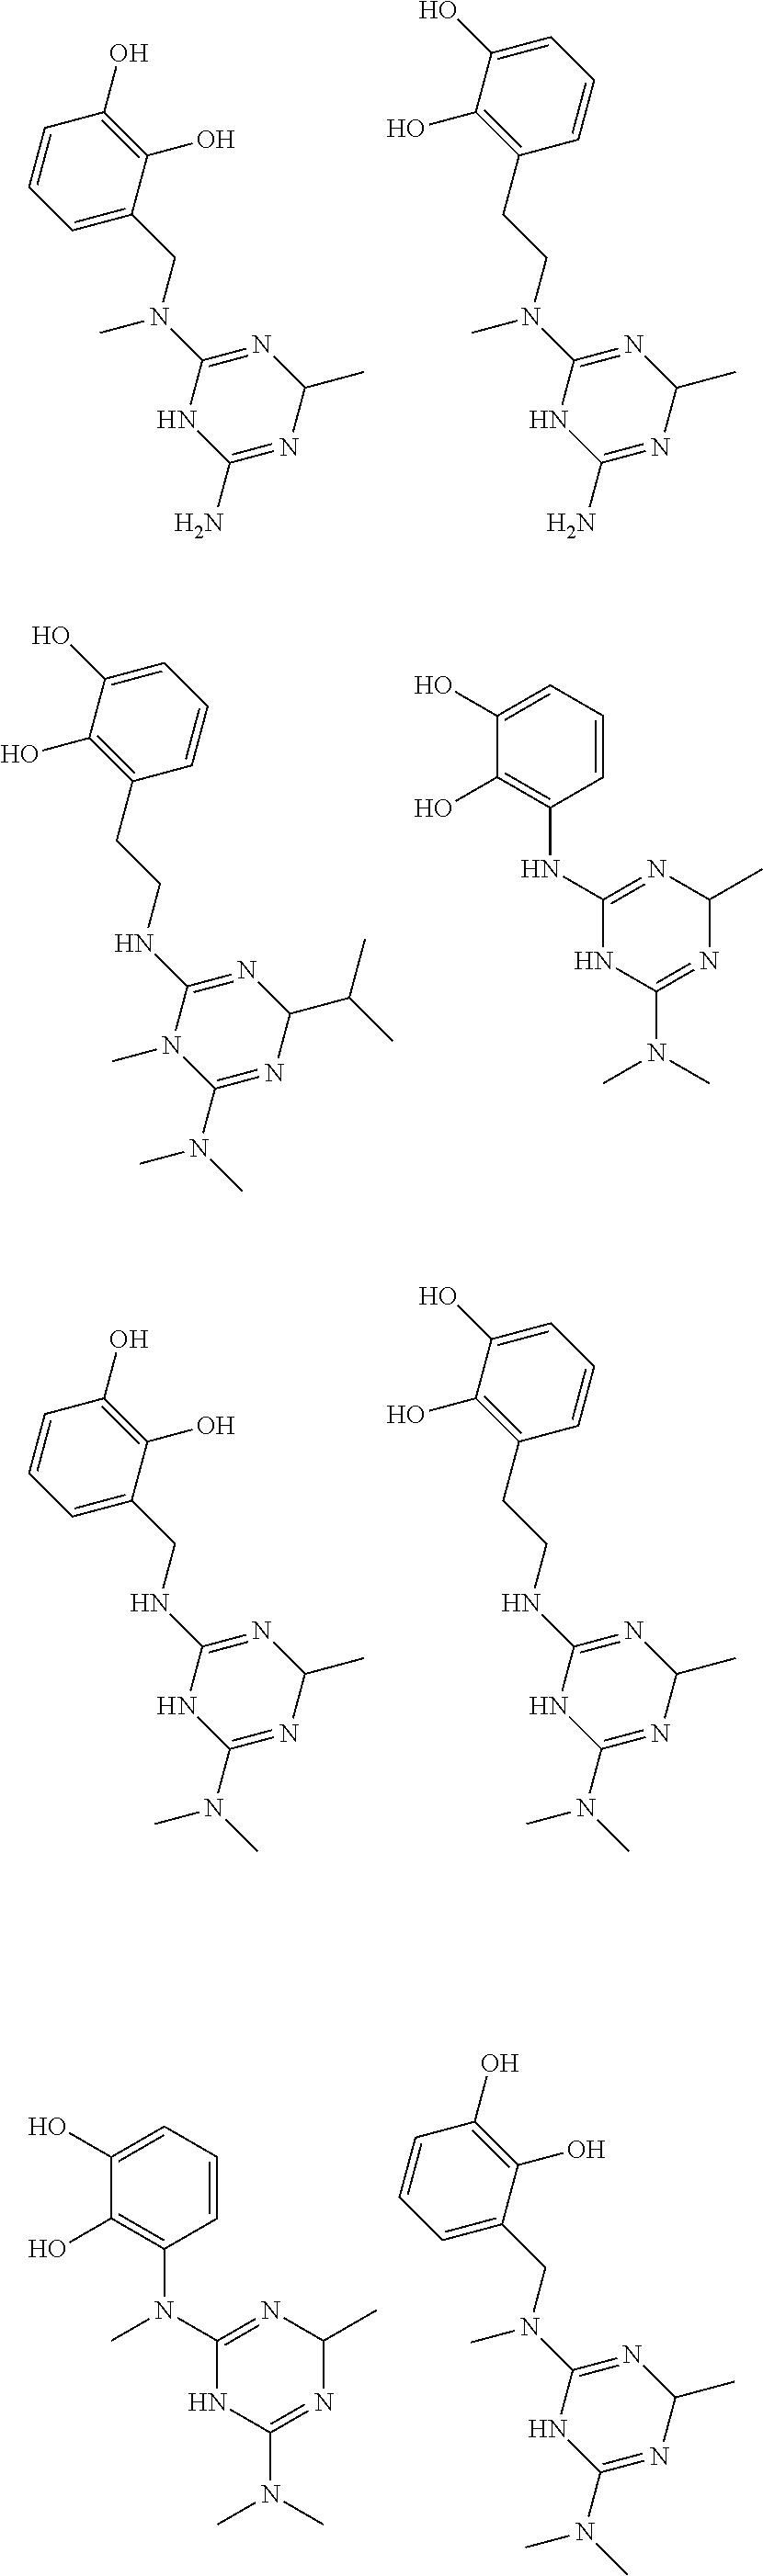 Figure US09480663-20161101-C00183